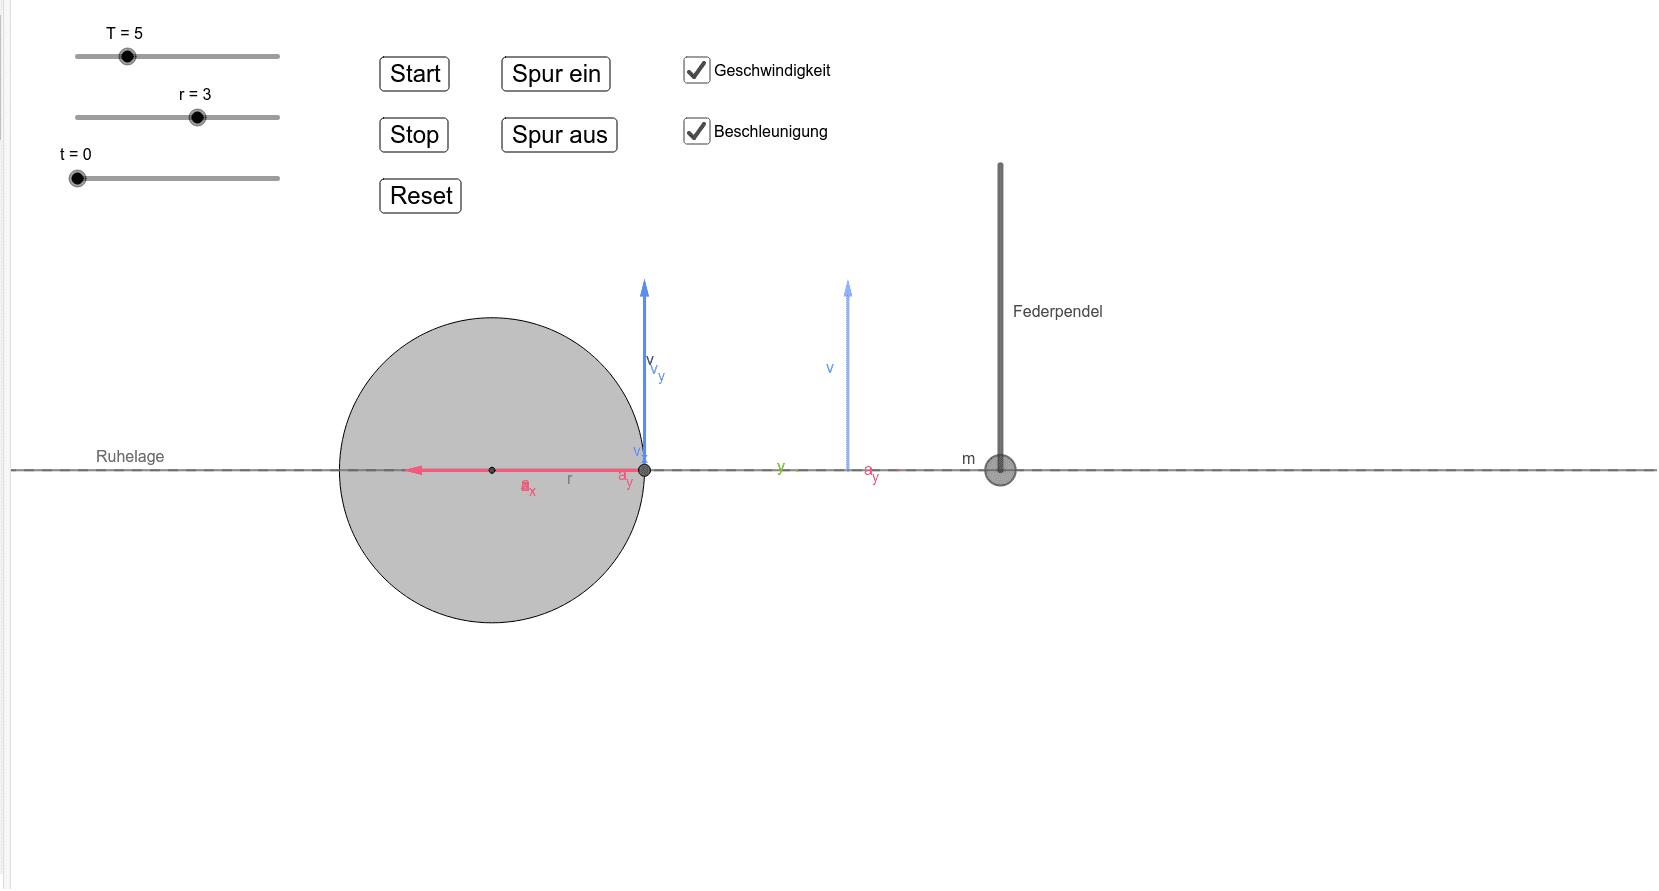 Das Federpendel und die gleichförmige Kreisbewegung Drücke die Eingabetaste um die Aktivität zu starten